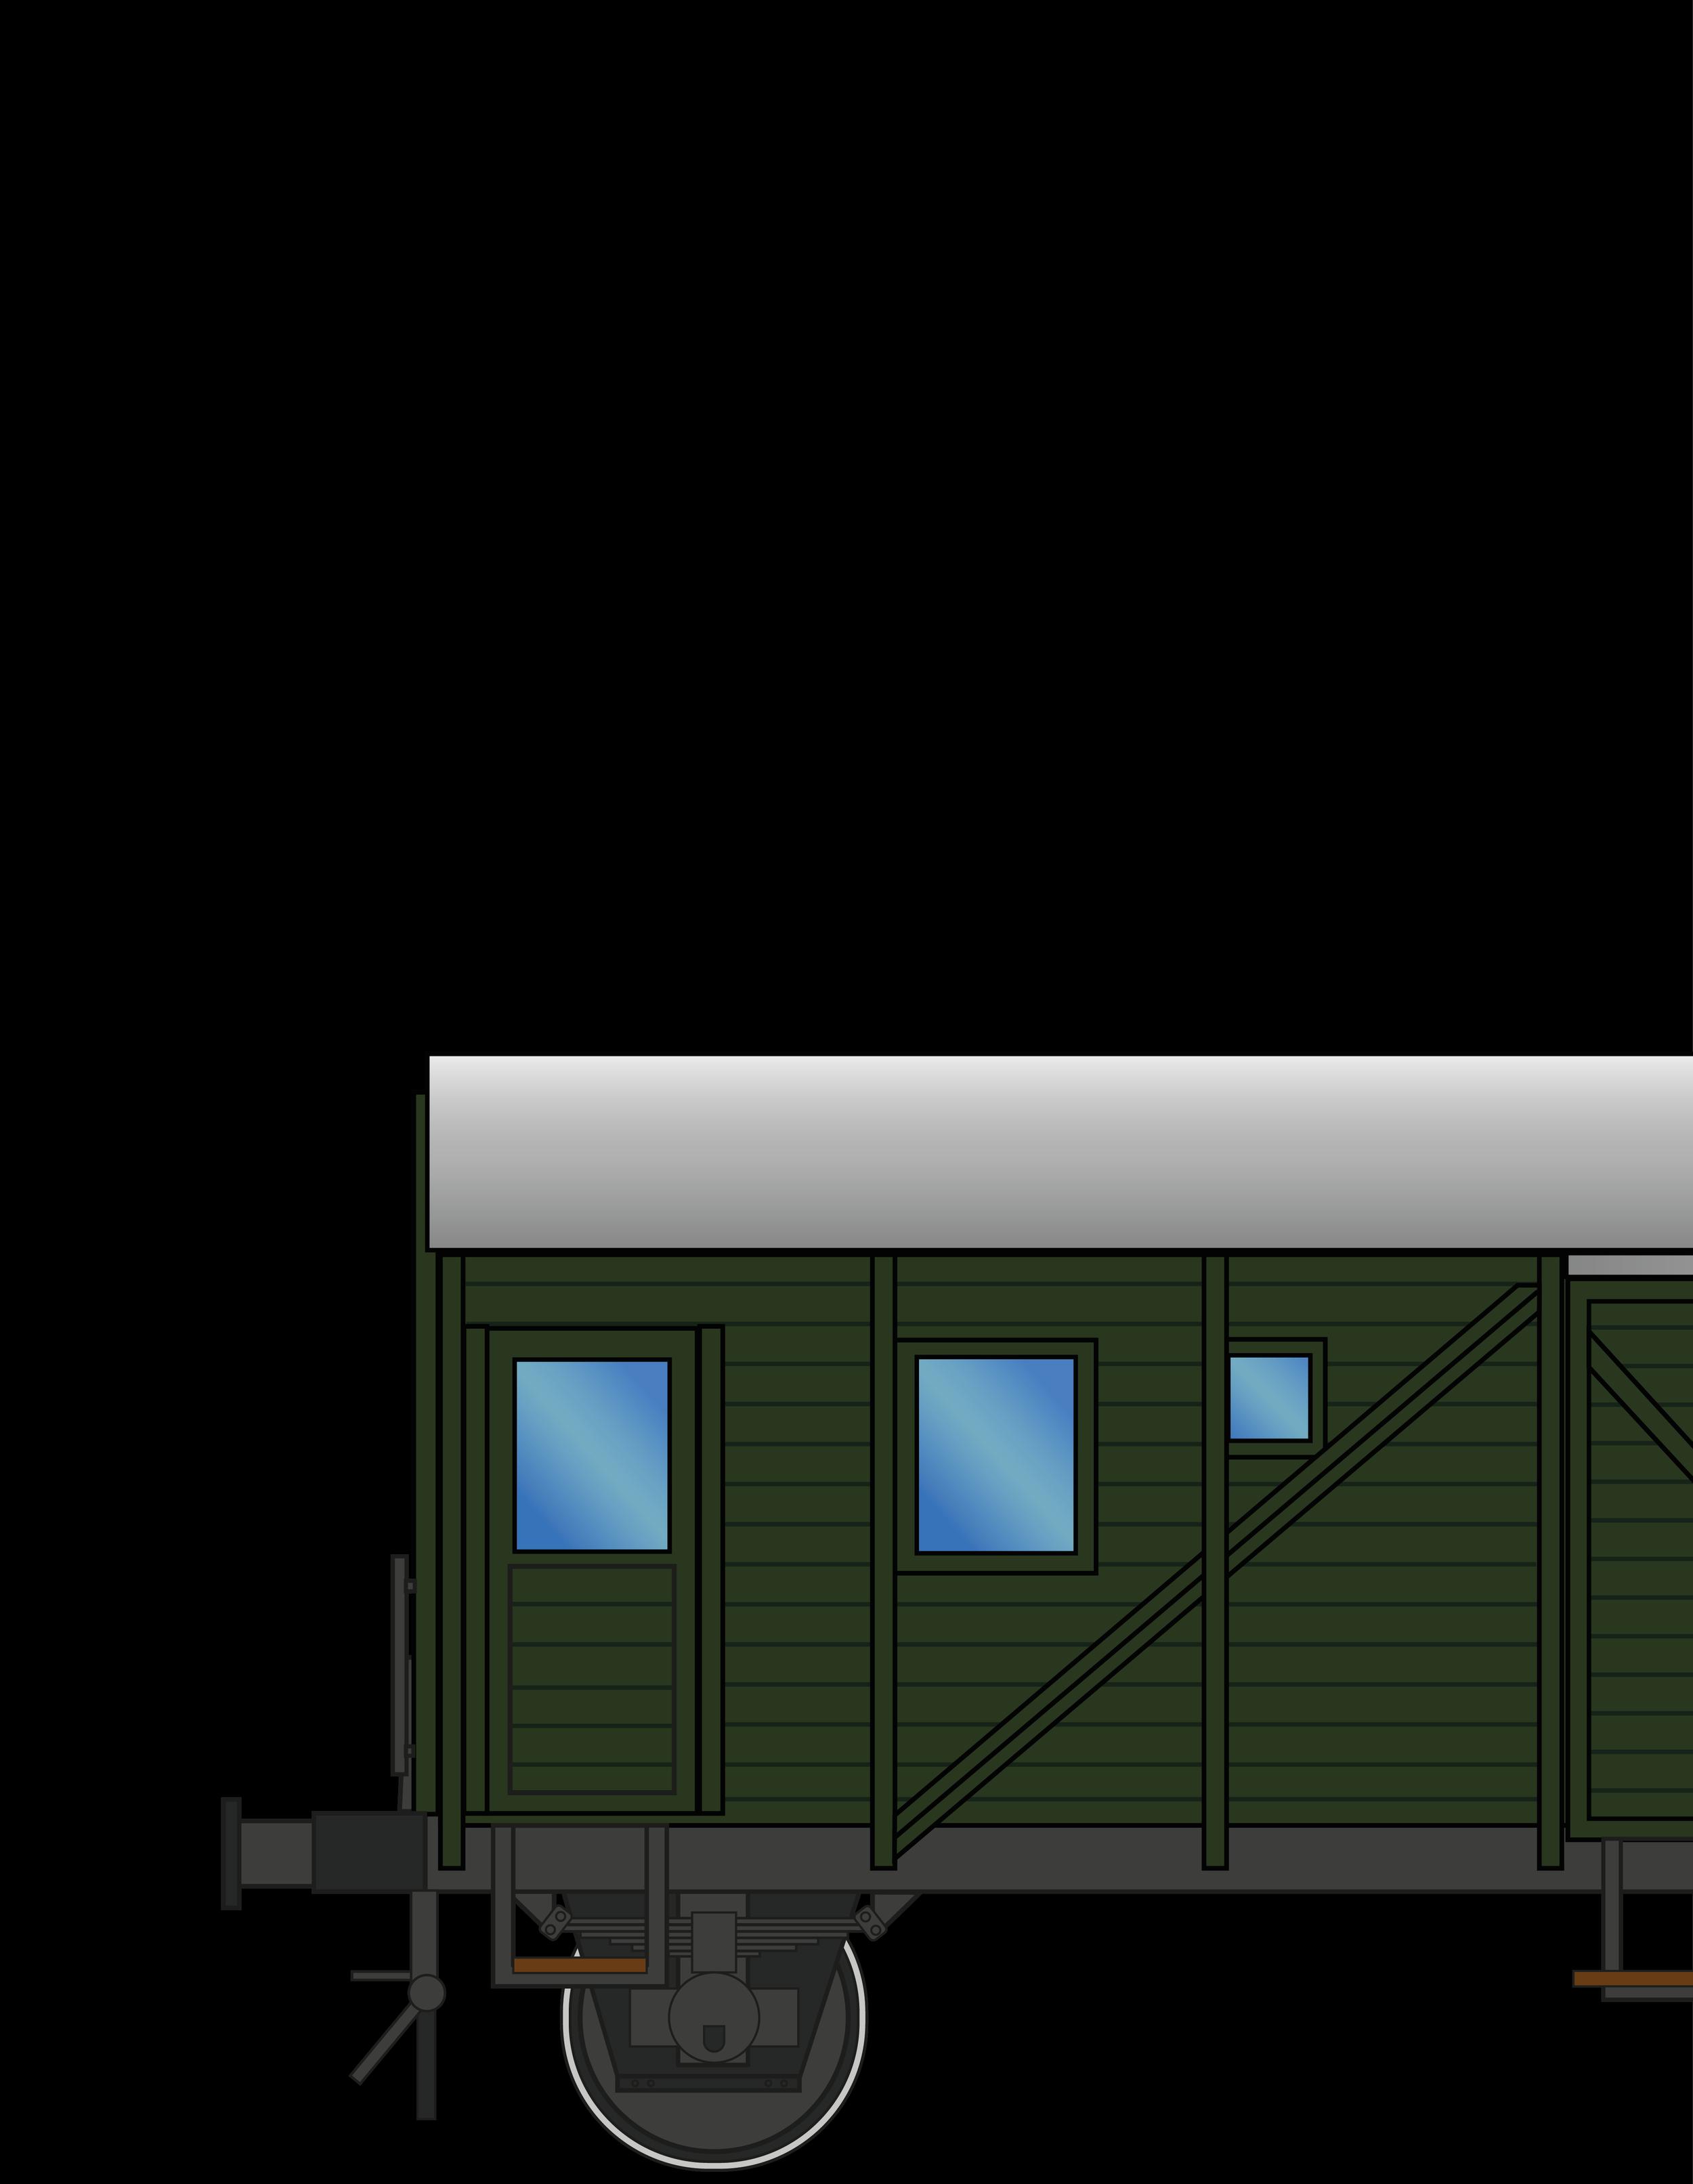 Pwgs 44 - Güterzugbegleitwagen